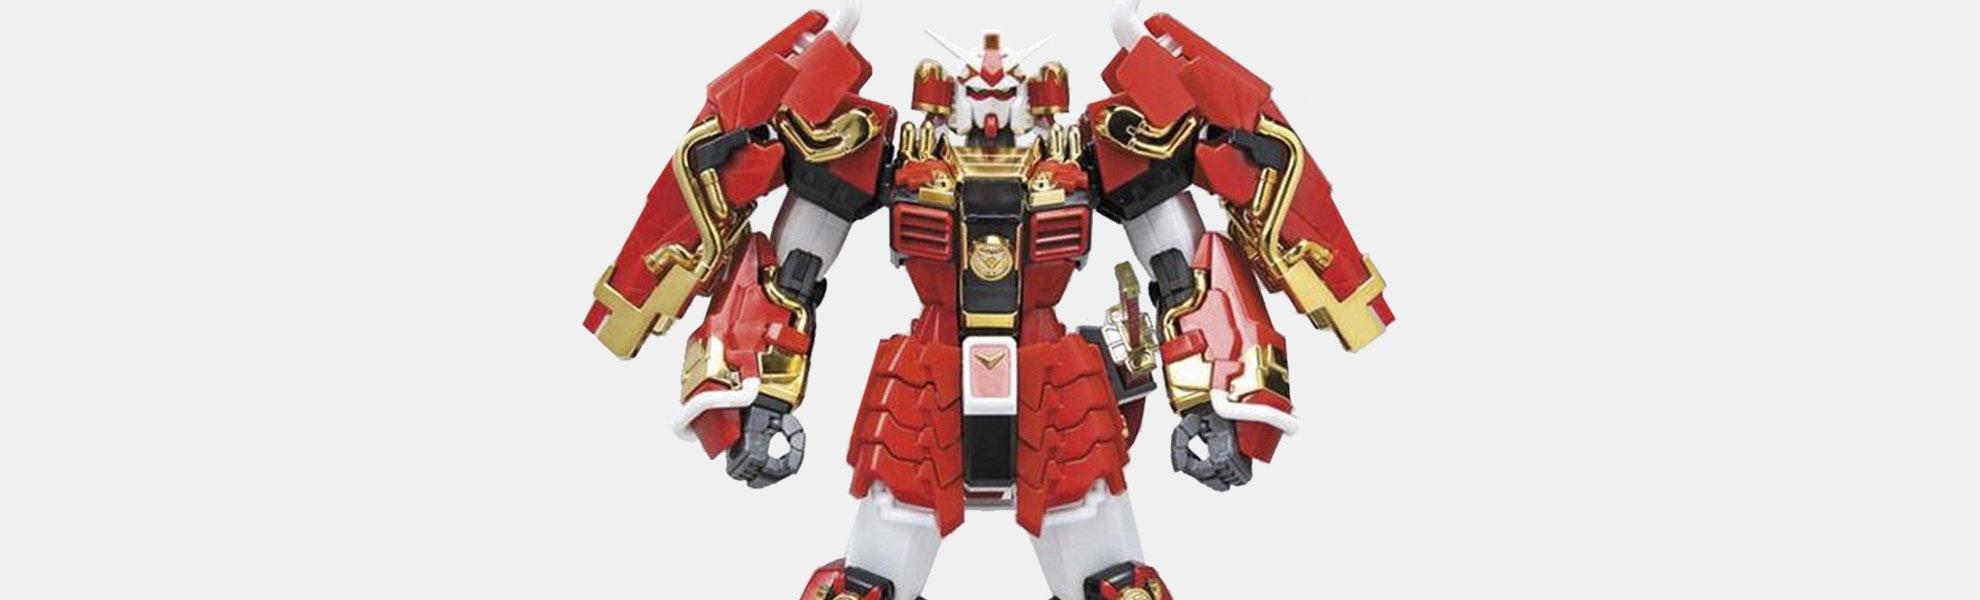 Gundam Shin Musha Sengoku no. JIN MG 1/100th